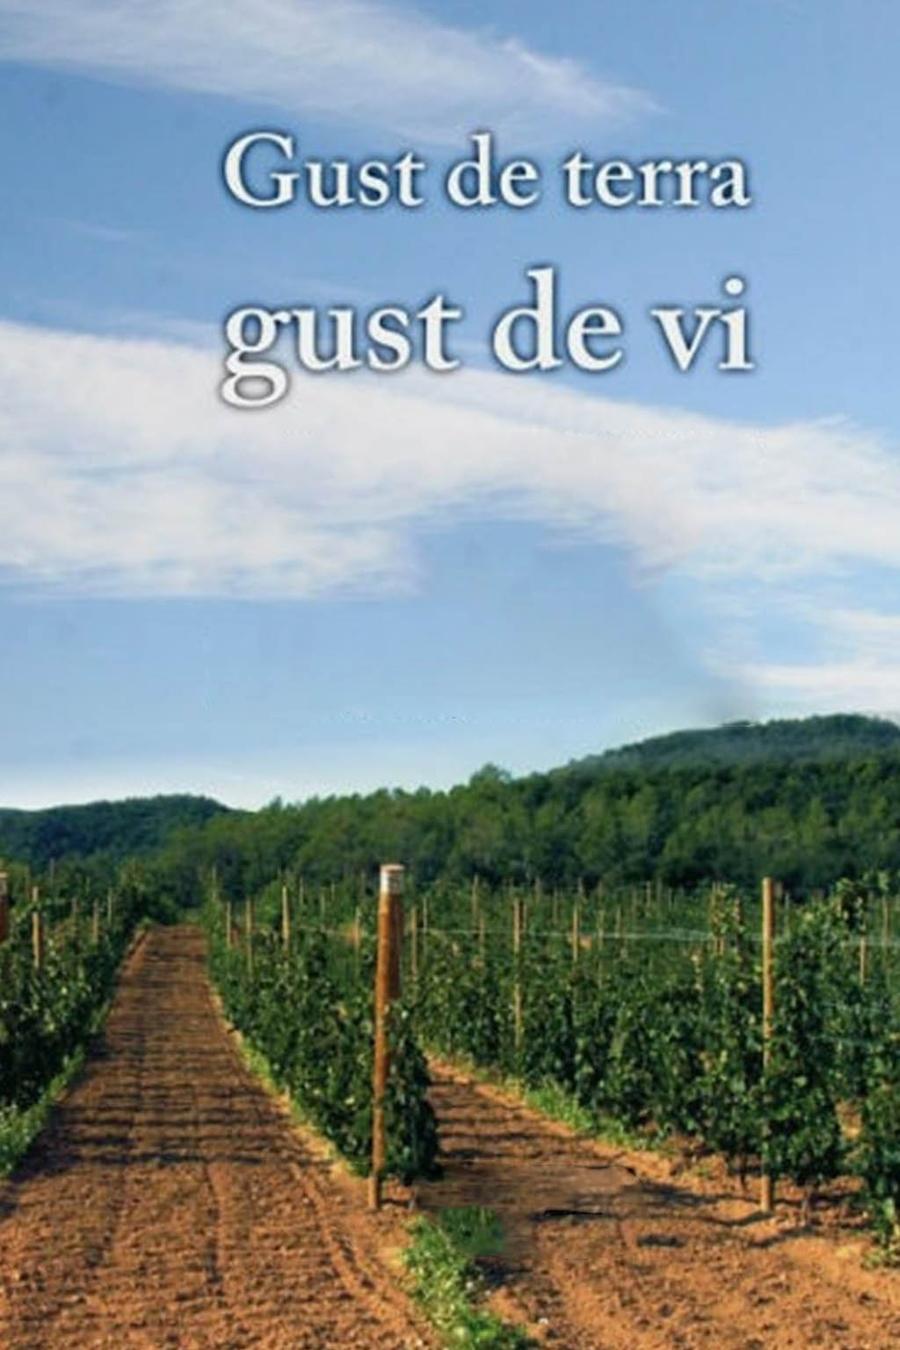 Gusto de tierra, gusto de vino